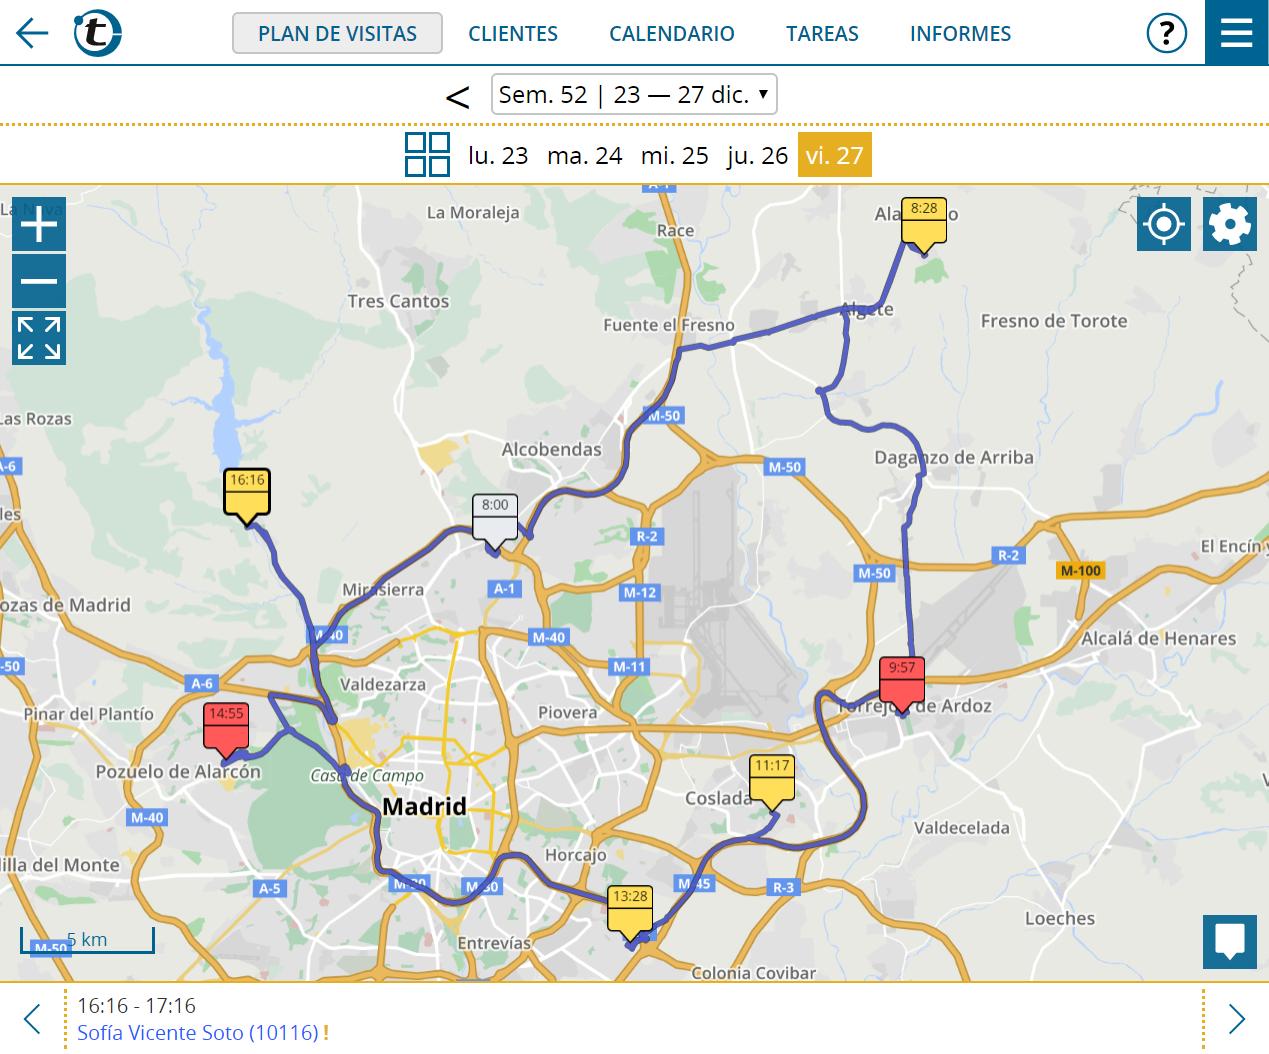 schedule-map-es.png